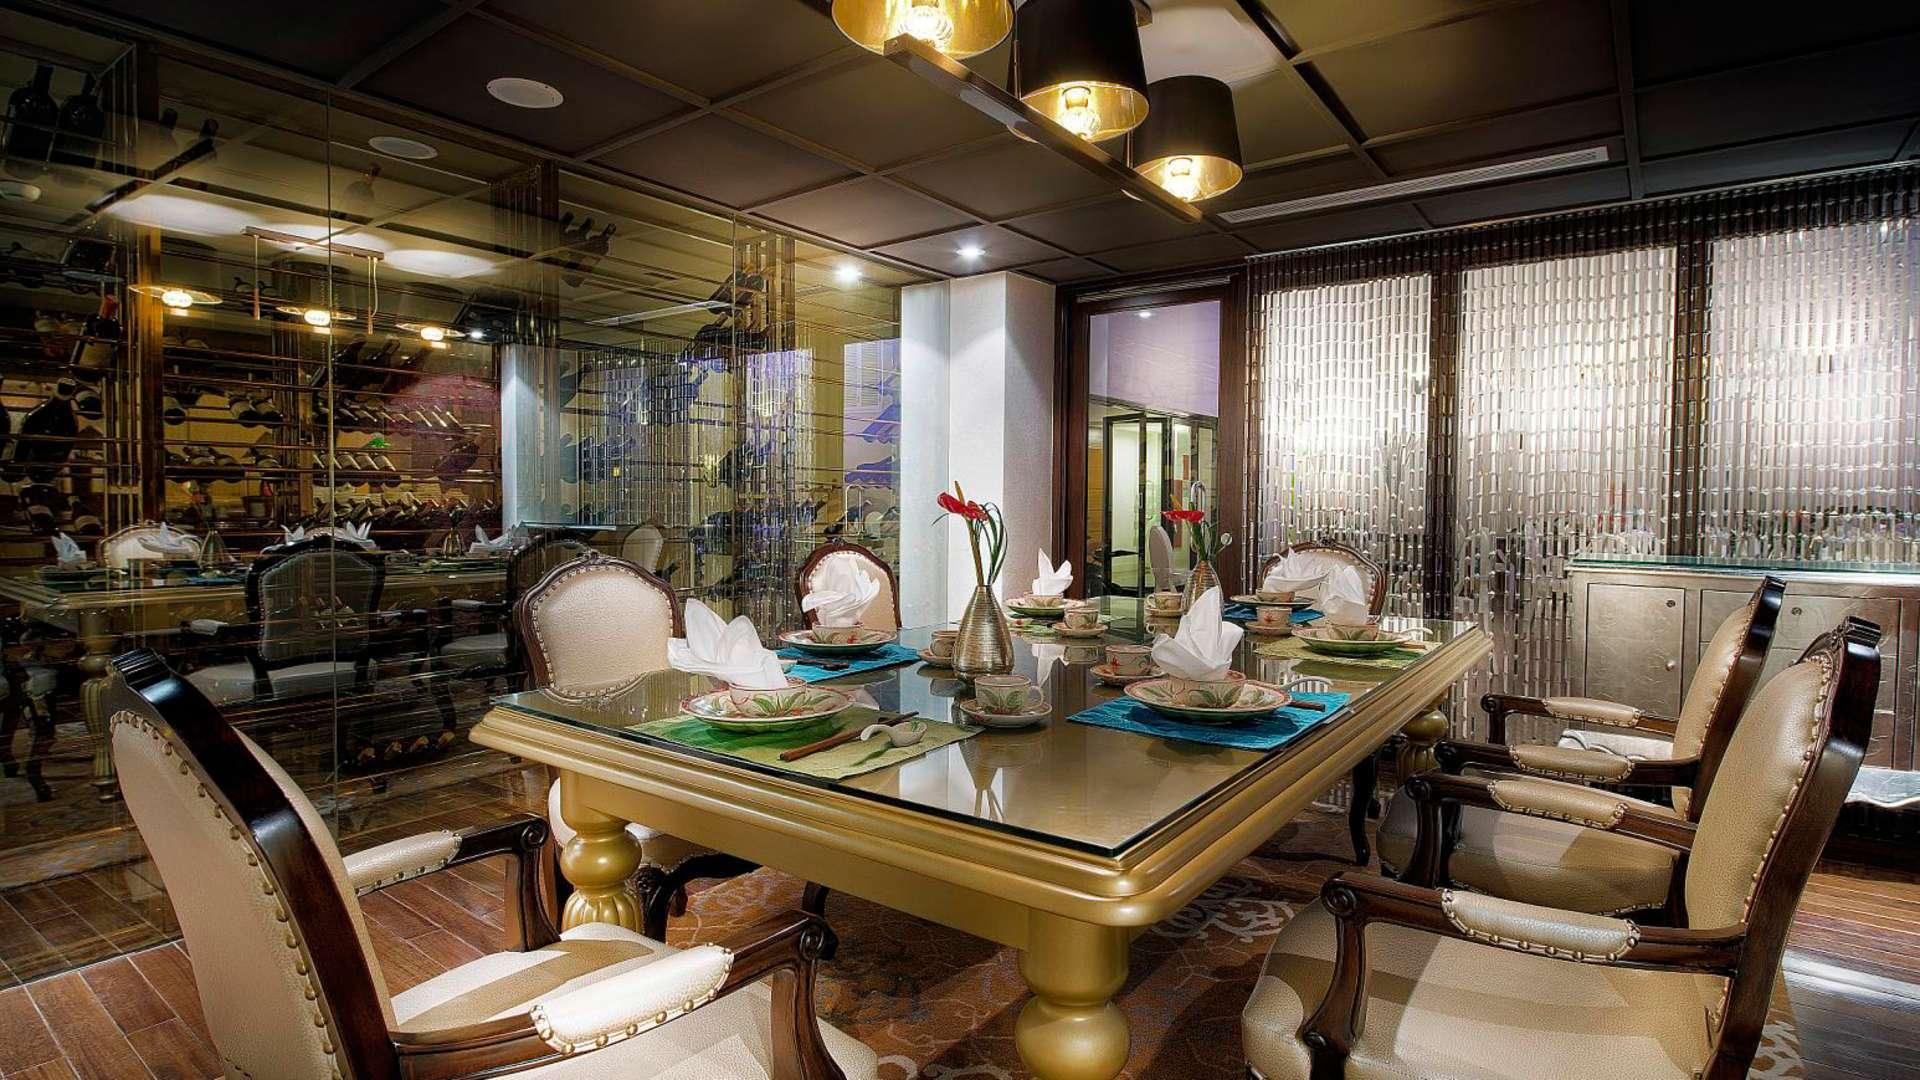 Фото ресторана Club Opera во Вьетнаме